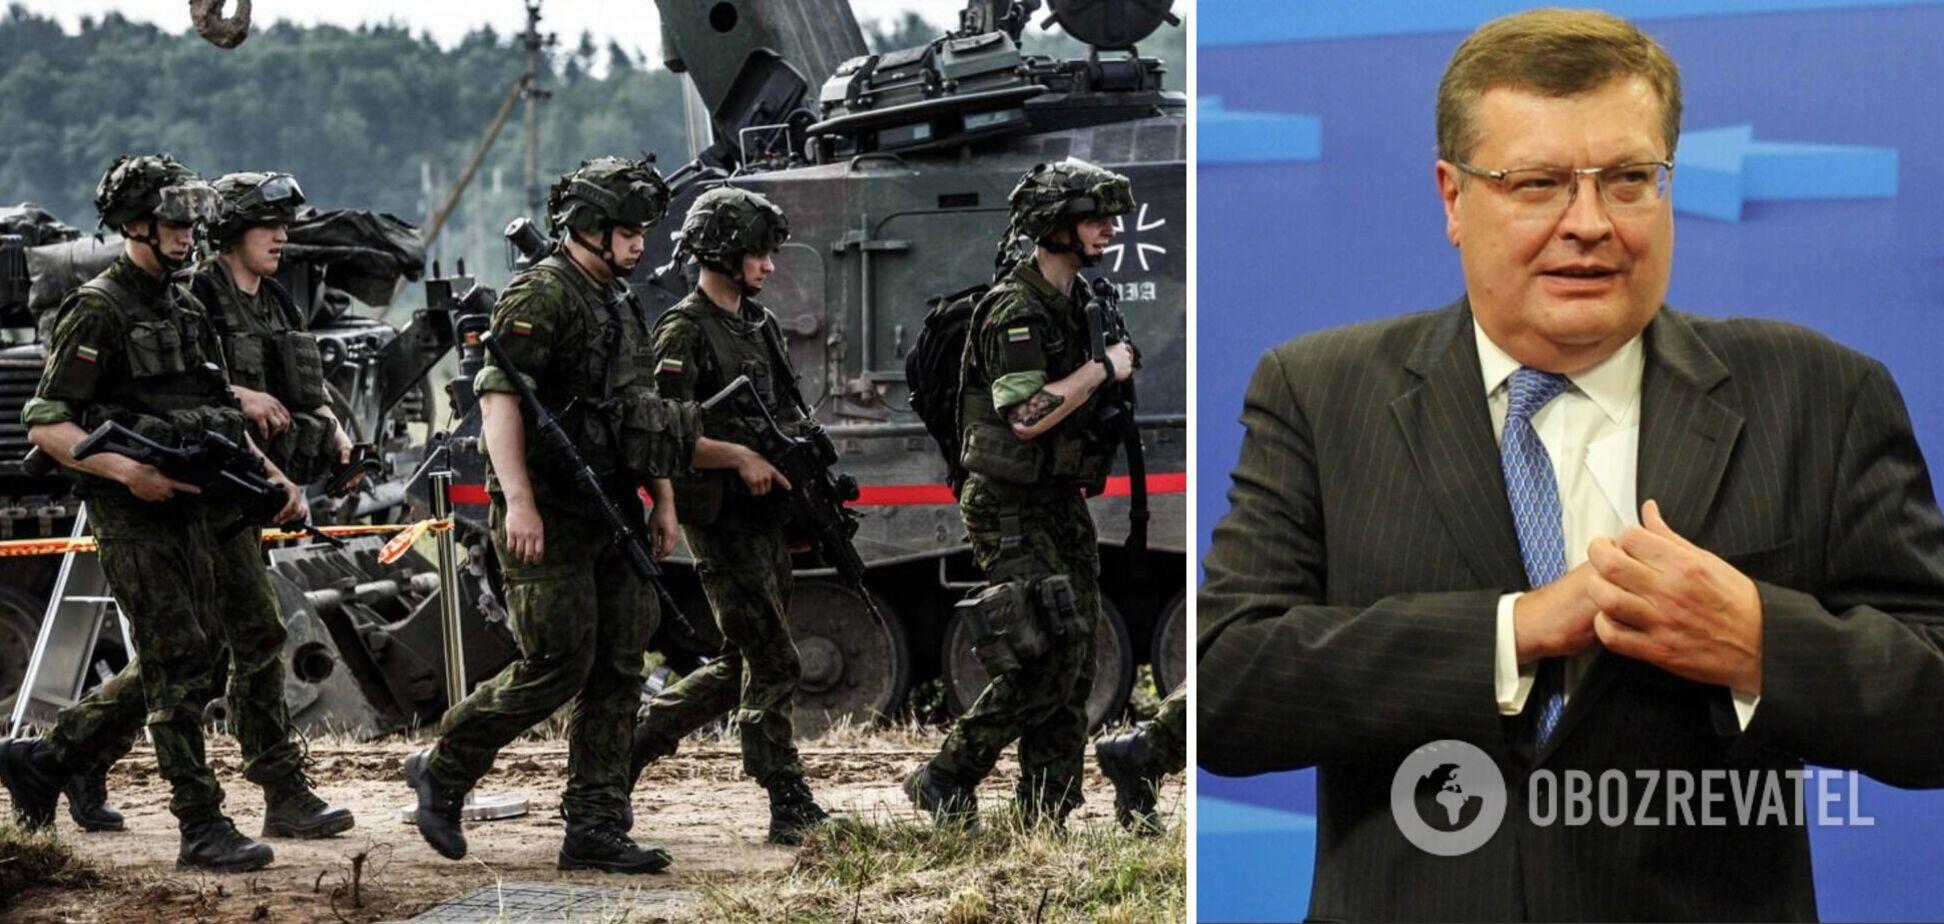 Дипломат пояснив нюанс із військовою місією ЄС в Україні